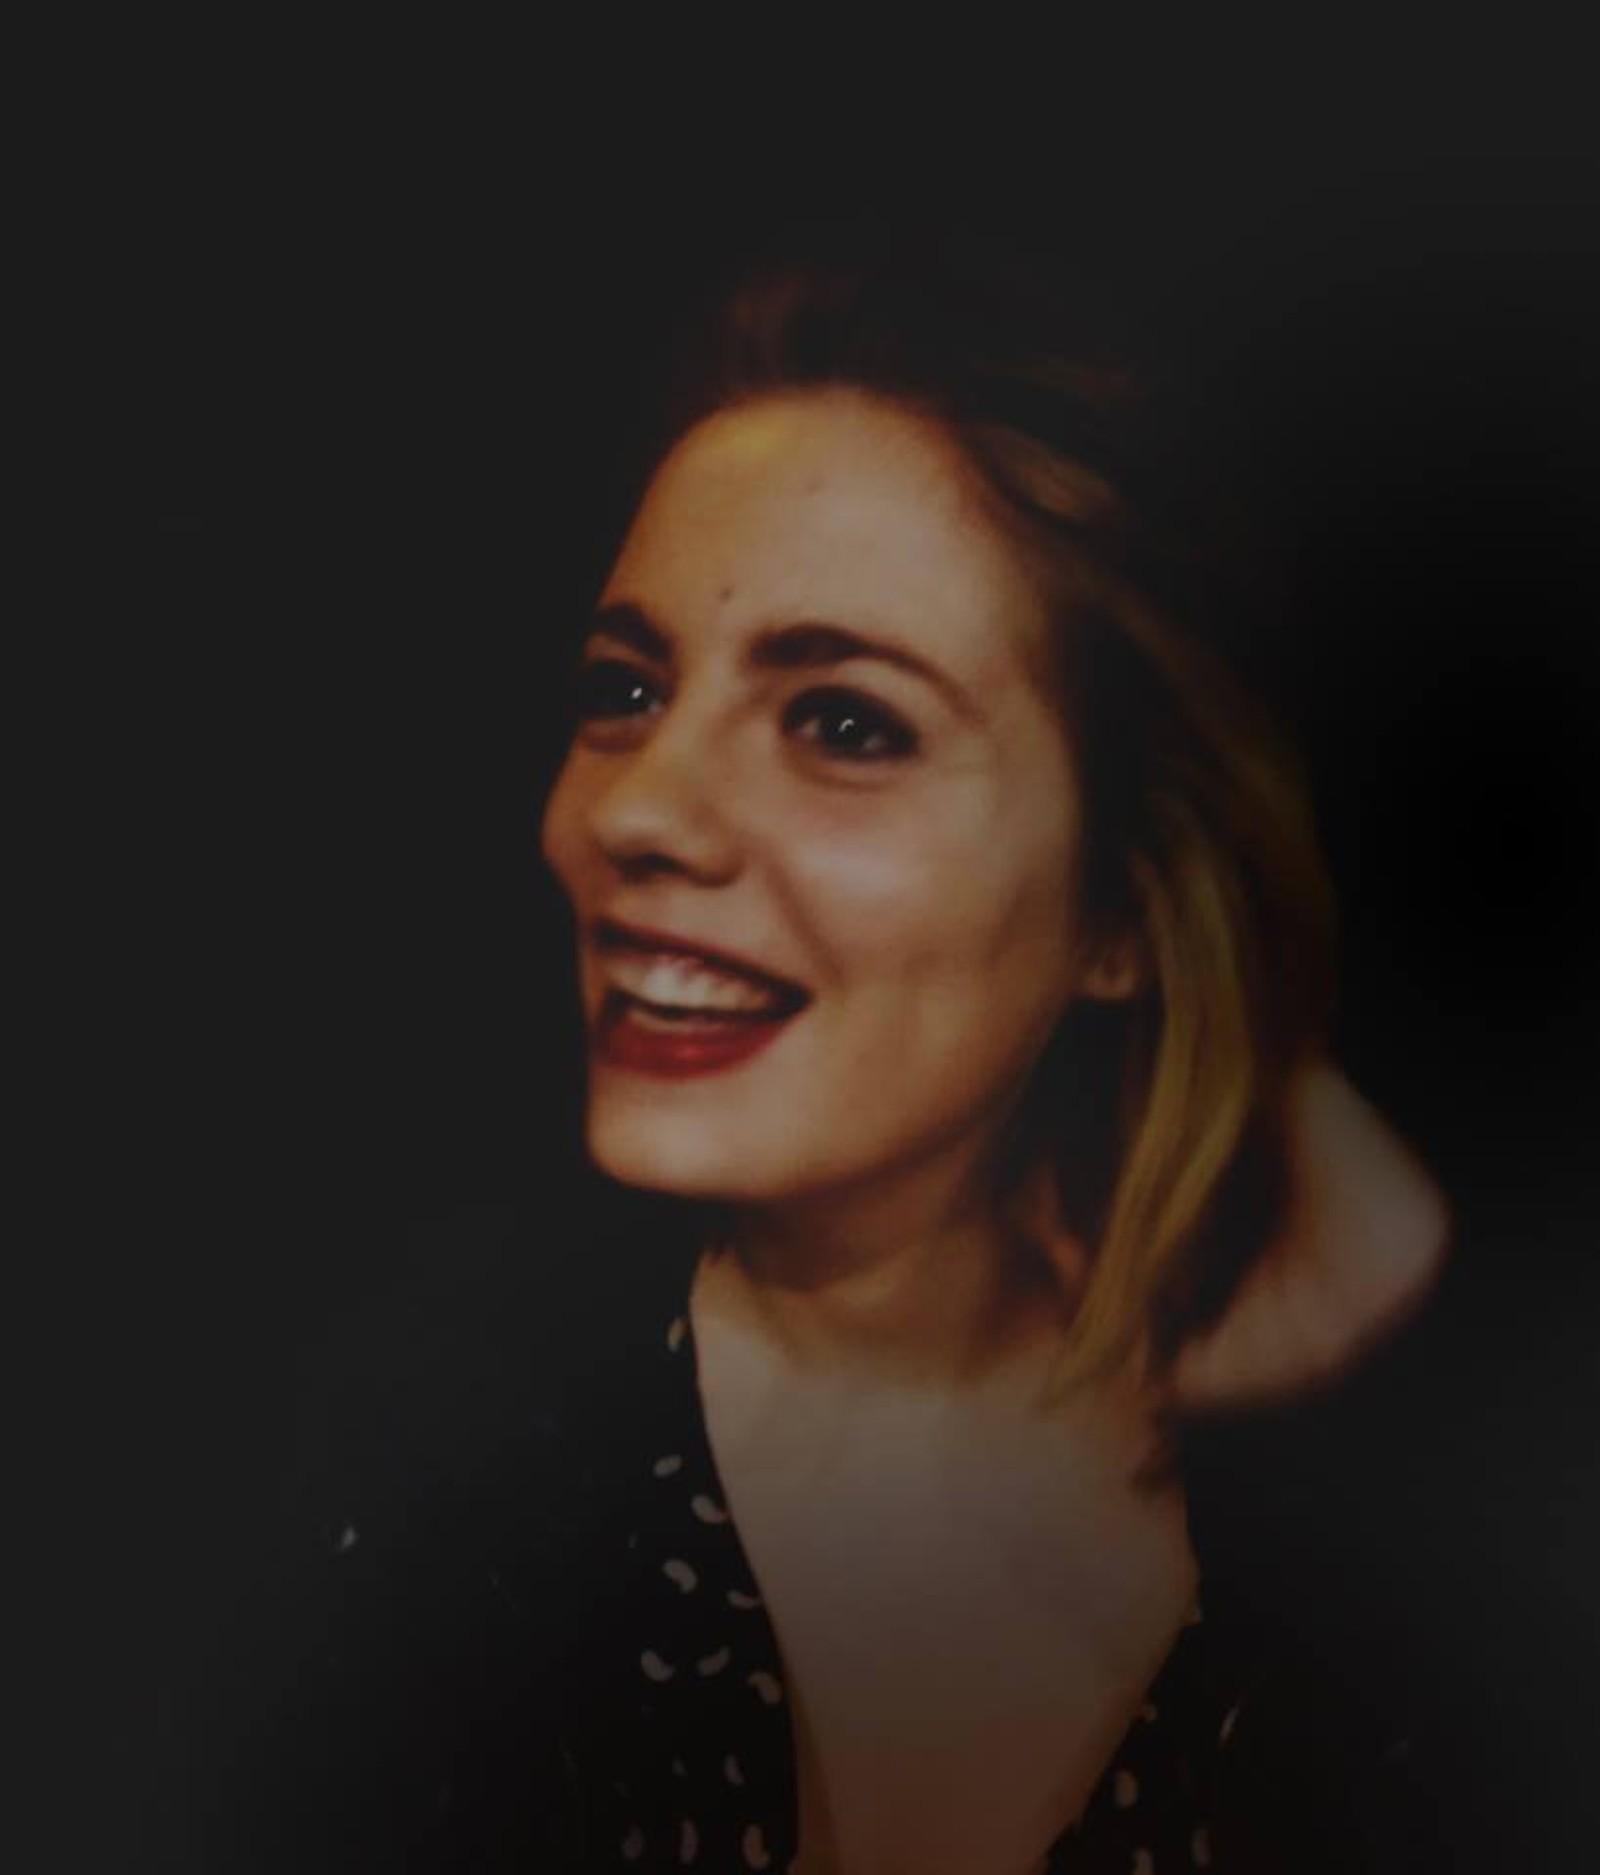 DREPT: Grafikeren Anna Pétard-Lieffrig (24) var president for organisasjonen Reportere Uten Grenser. Hun døde mellom restaurantene Le Carillon og Le Petit Cambodge.